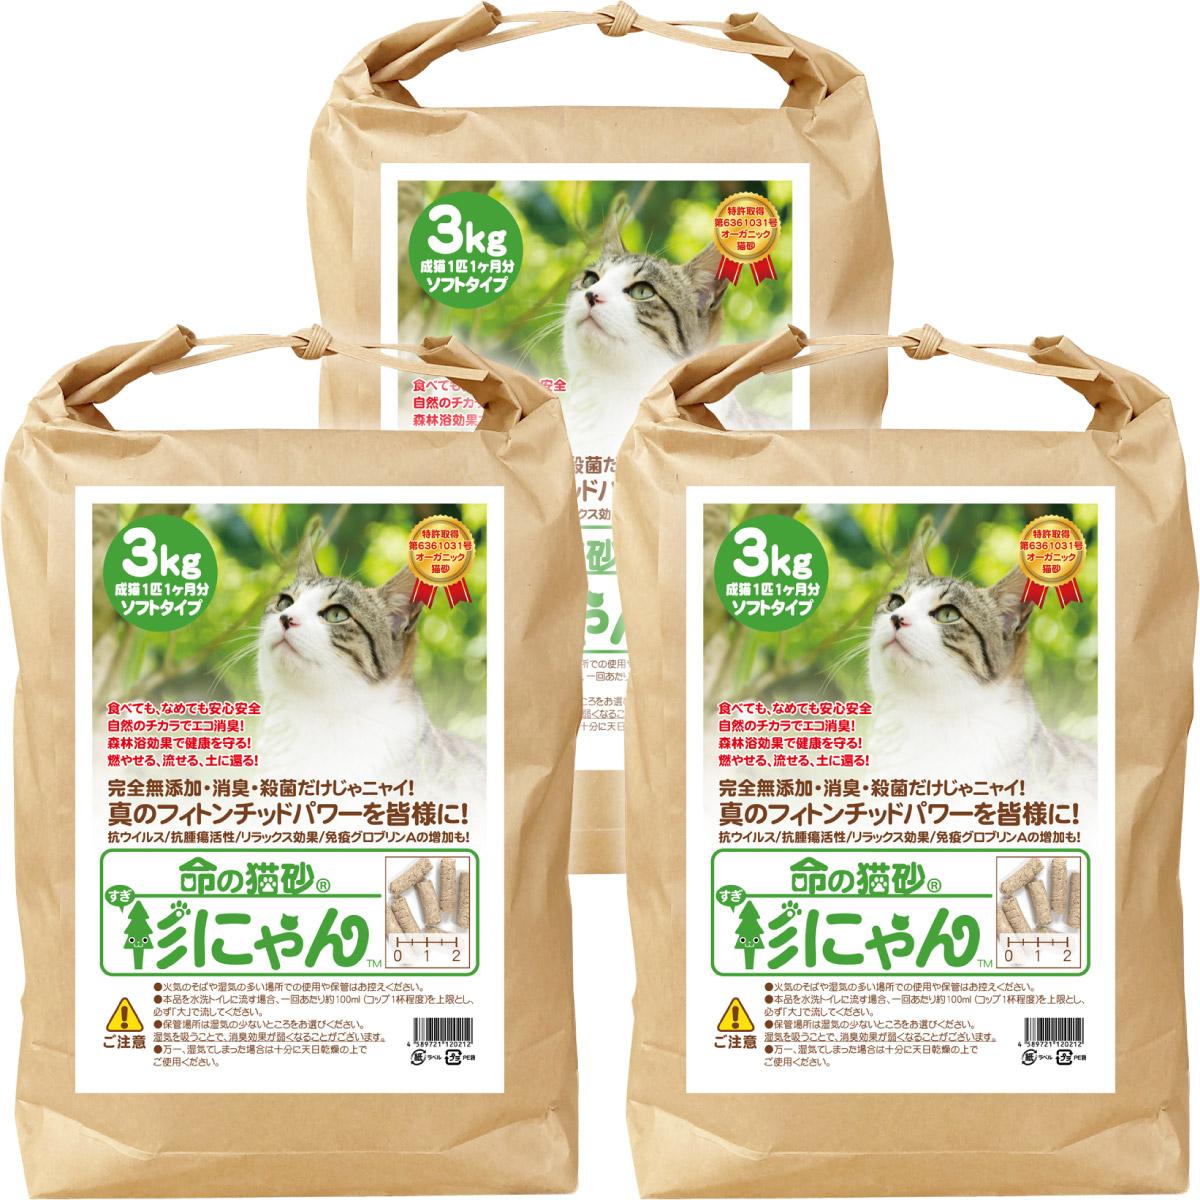 【製造次第、順次発送いたします】命の猫砂 ペレットタイプ 9kg/3袋